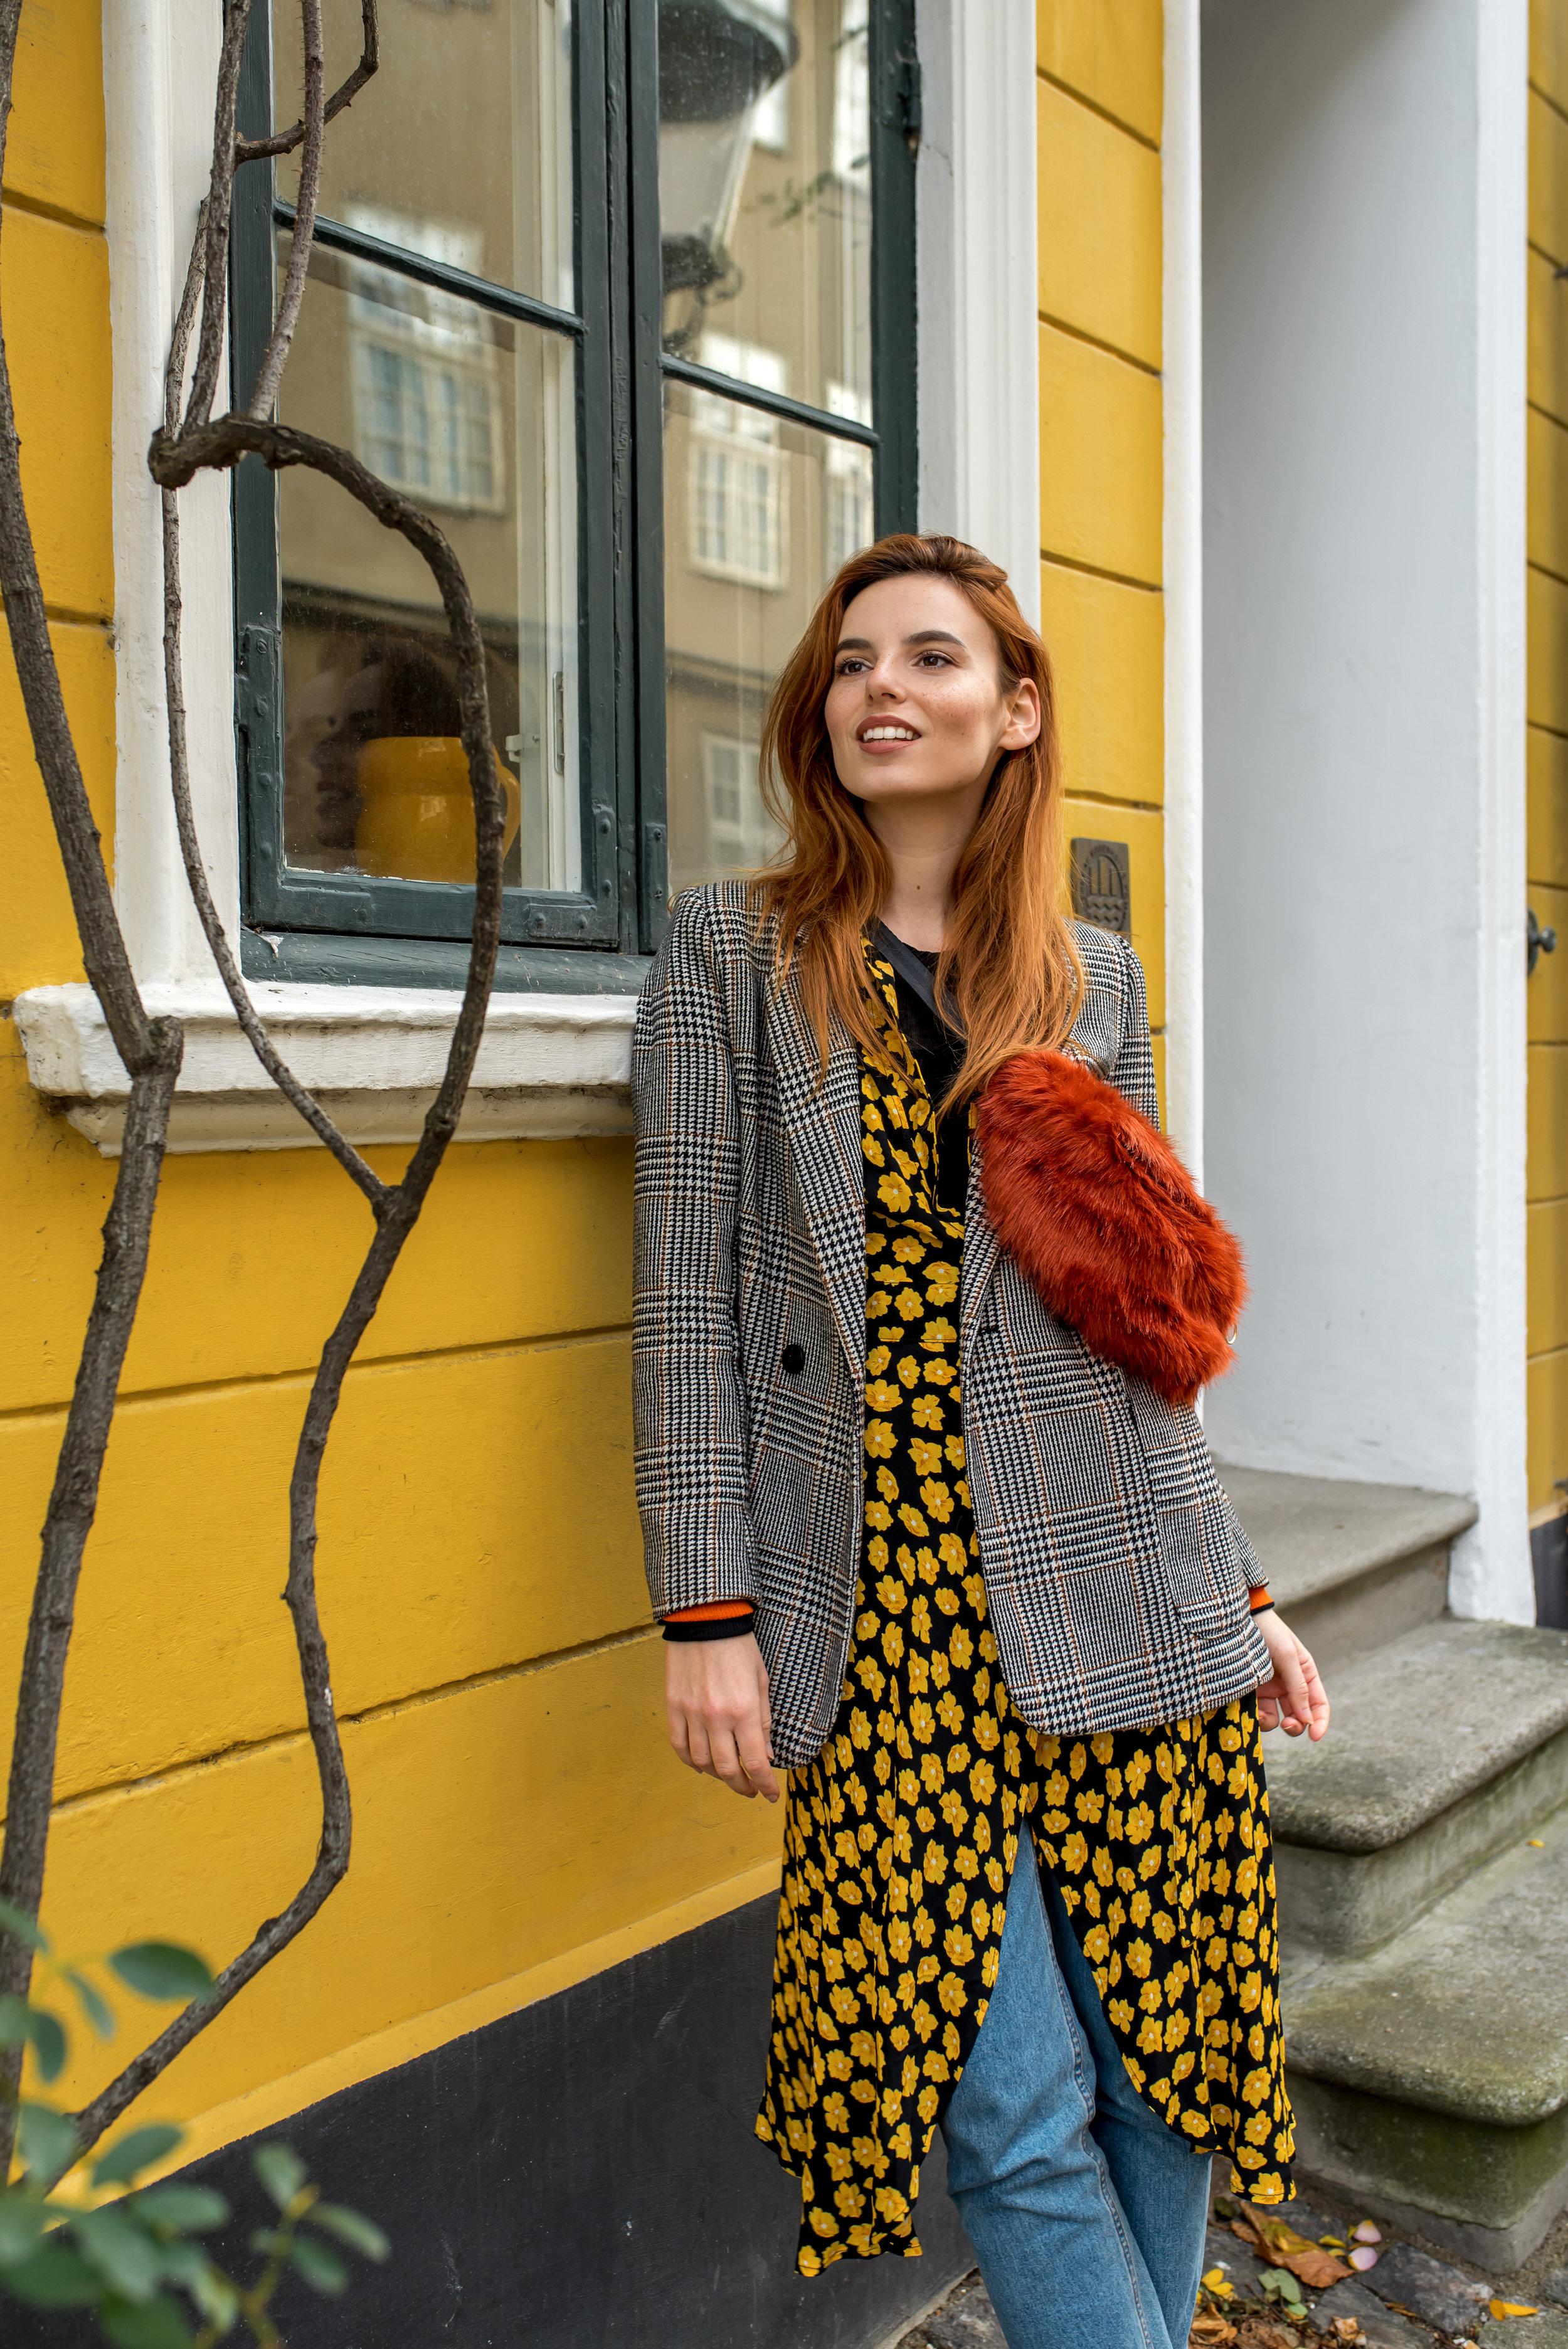 Ganni dress // H&M blazer, top, jeans // Baum und Pferdgarten bag